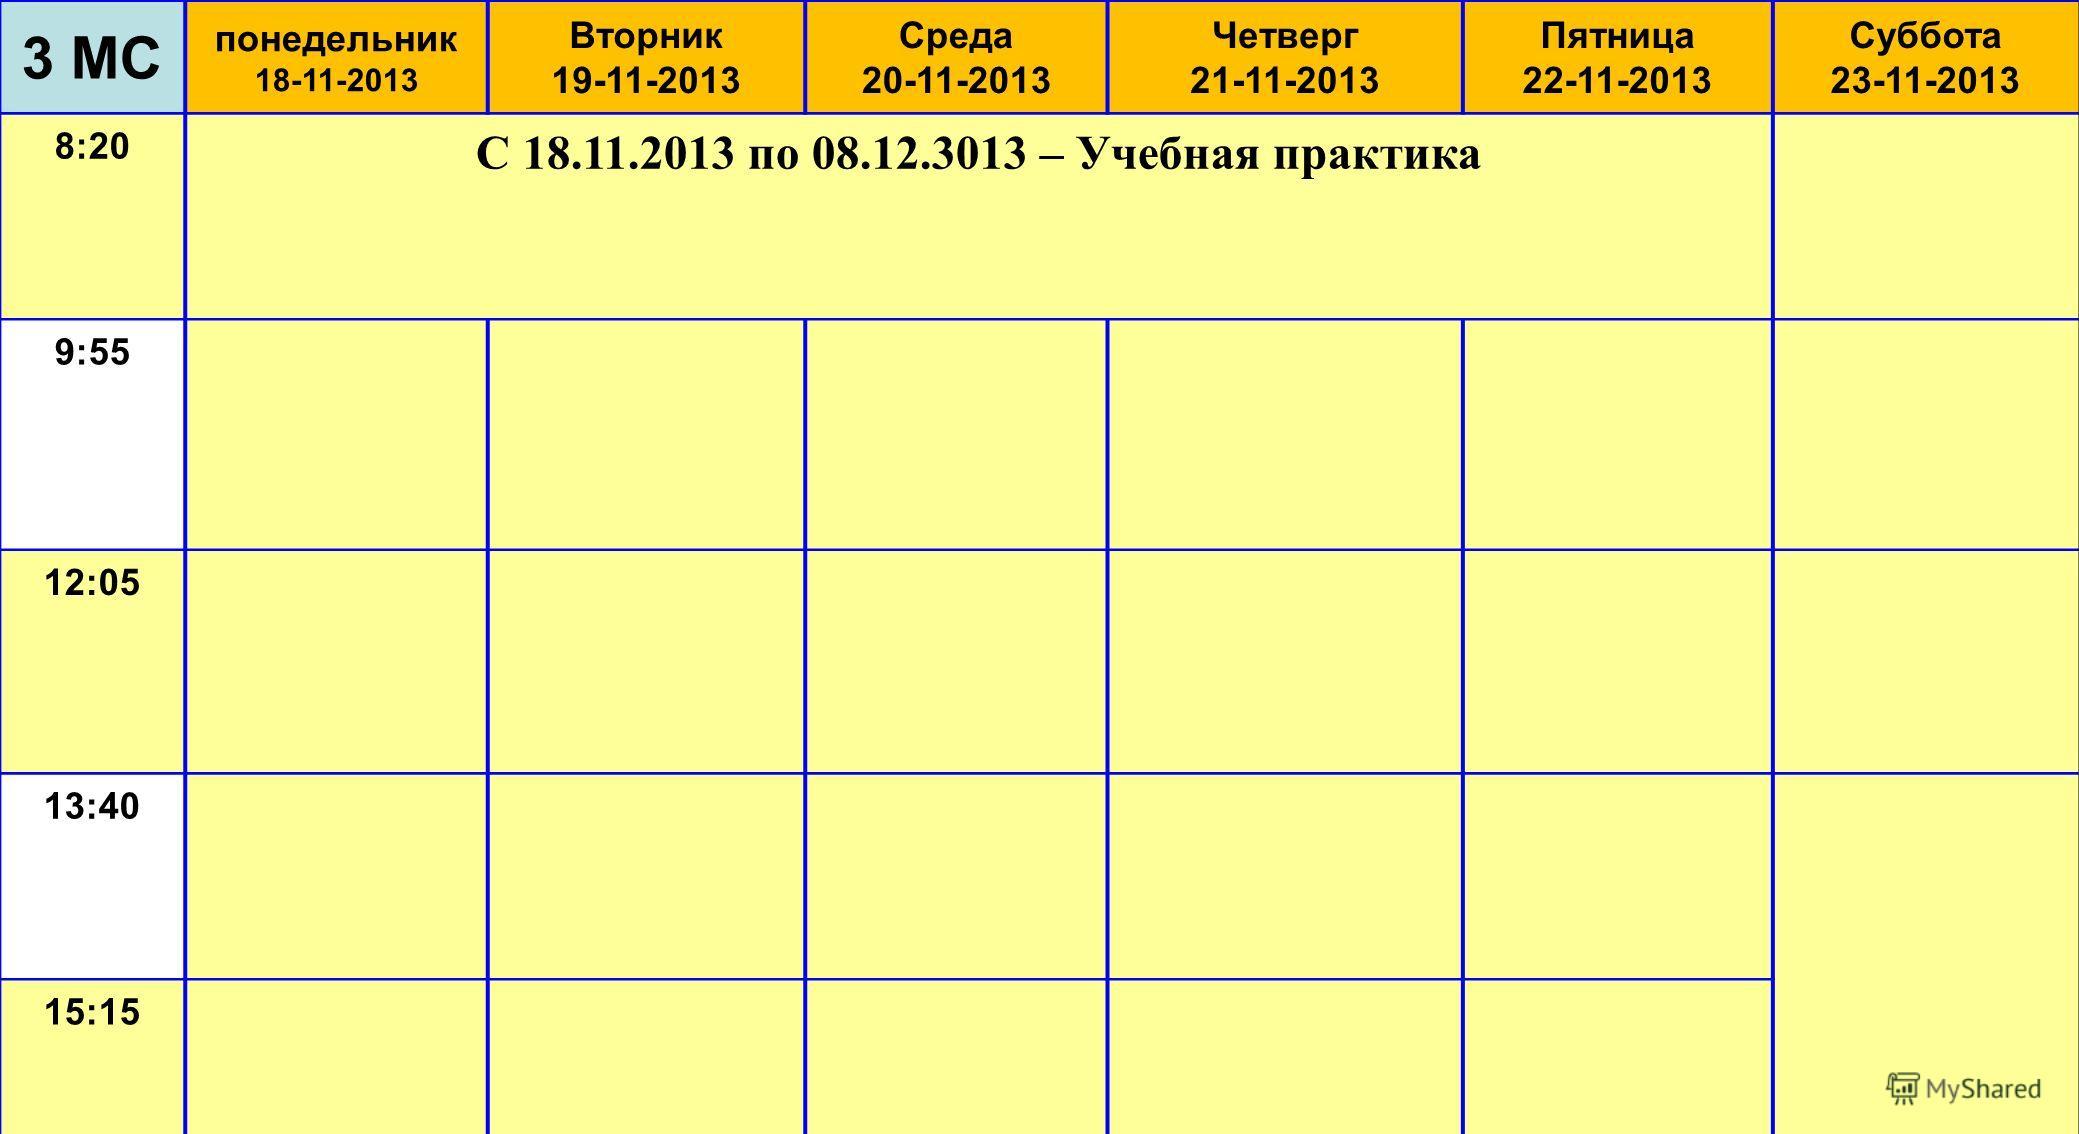 3 МС понедельник 18-11-2013 Вторник 19-11-2013 Среда 20-11-2013 Четверг 21-11-2013 Пятница 22-11-2013 Суббота 23-11-2013 8:20 С 18.11.2013 по 08.12.3013 – Учебная практика 9:55 12:05 13:40 15:15